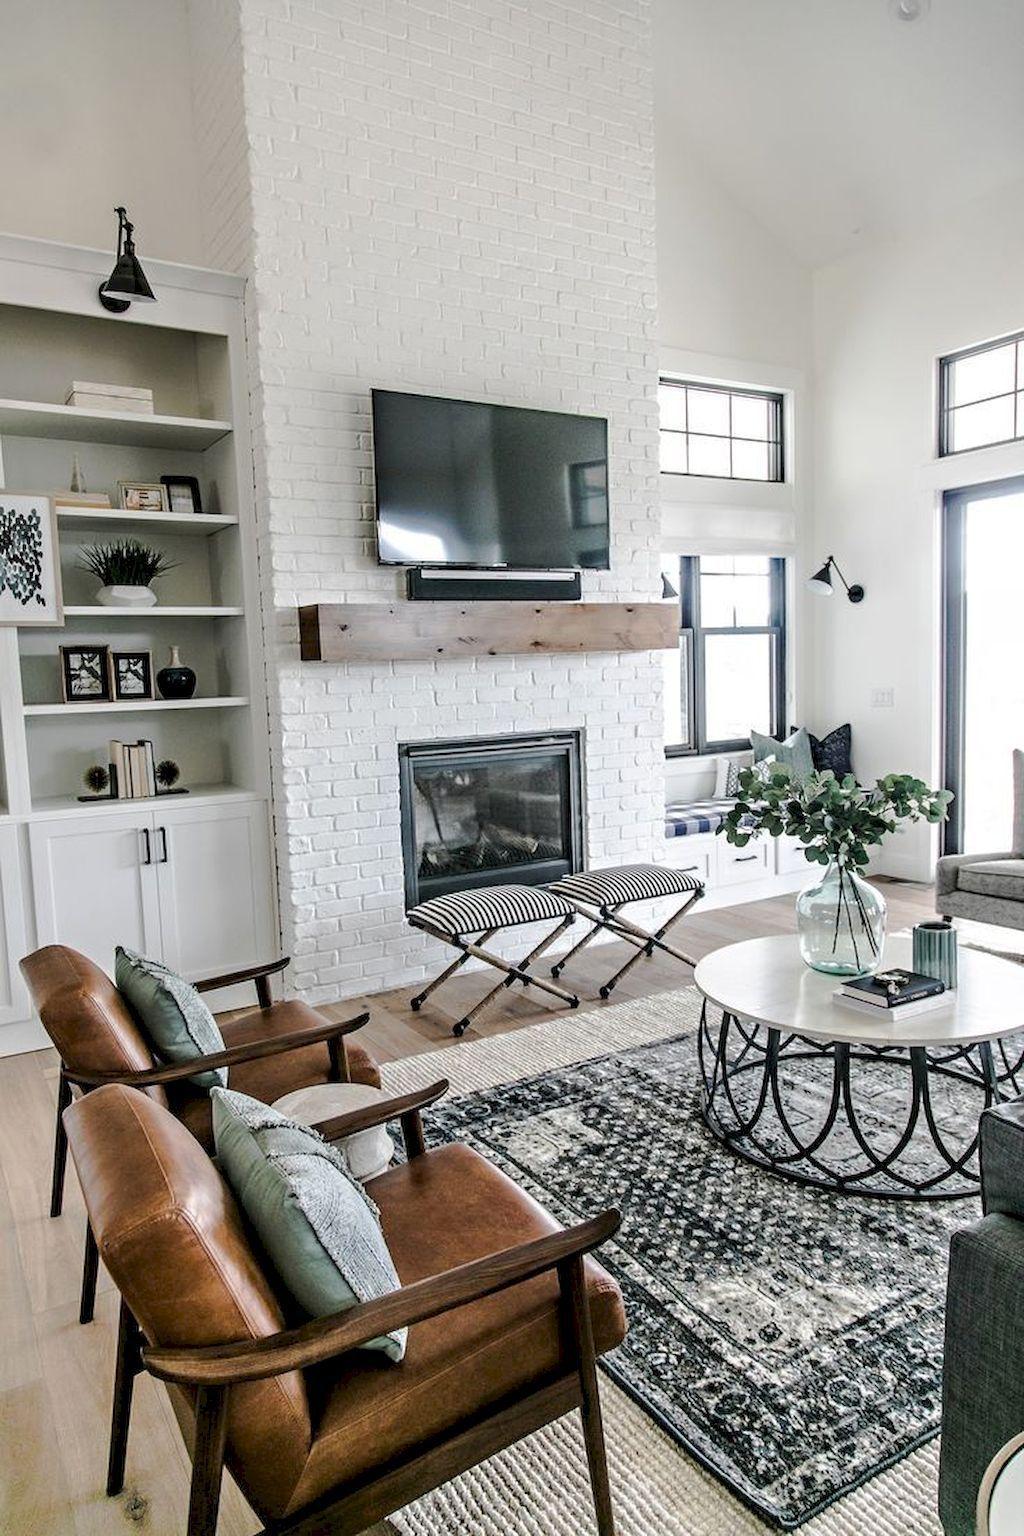 05 Cozy Modern Farmhouse Living Room Decor Ideas Roomodeling Farm House Living Room Farmhouse Style Living Room Modern Farmhouse Living Room Decor #white #farmhouse #living #room